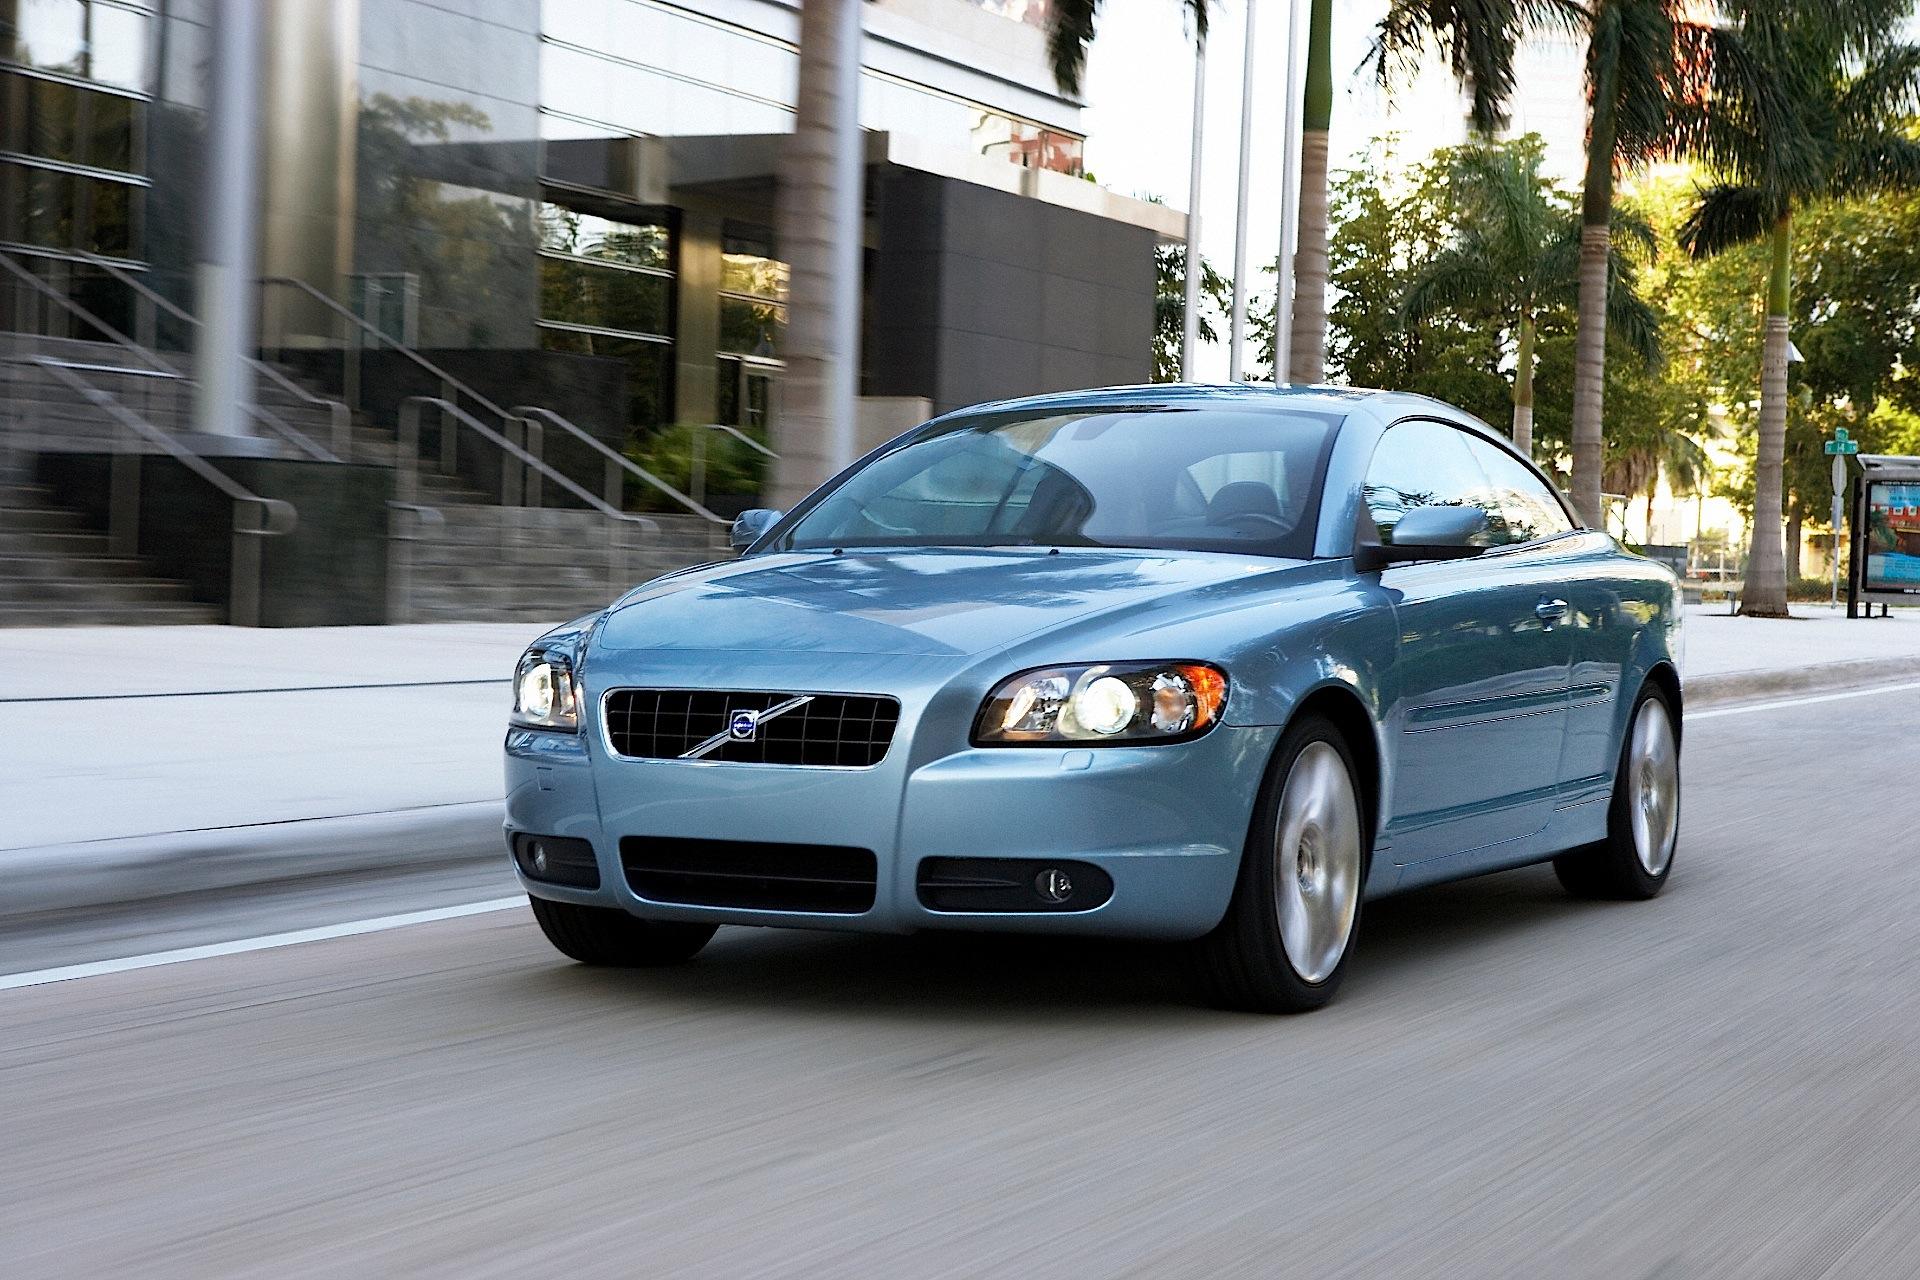 Volvo C70 2005 2006 2007 2008 2009 2010 2011 2012